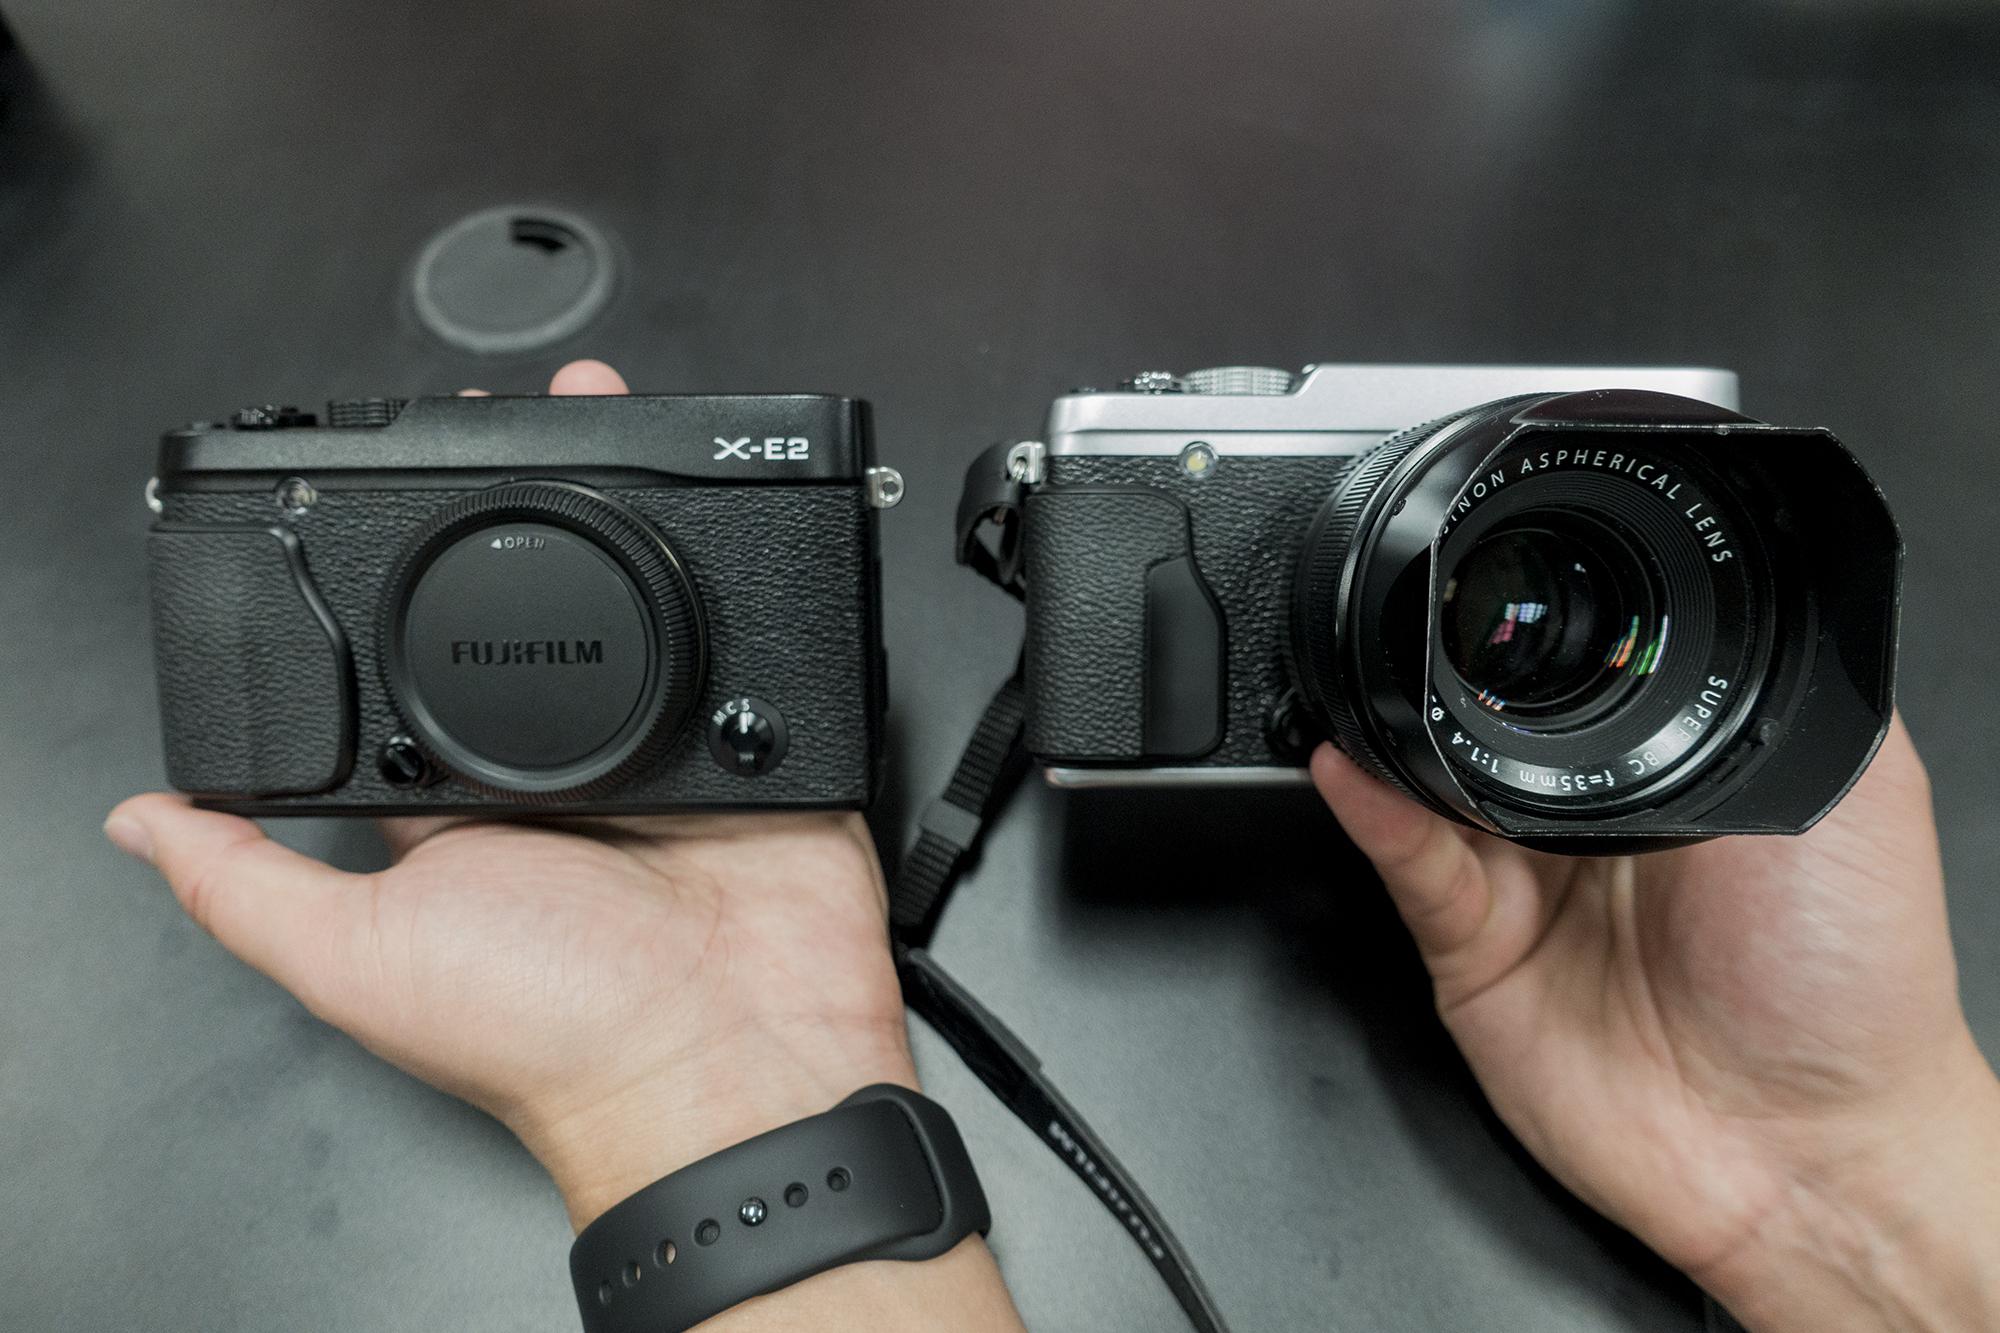 Fujifilm X-E2 Compared to X-E2S